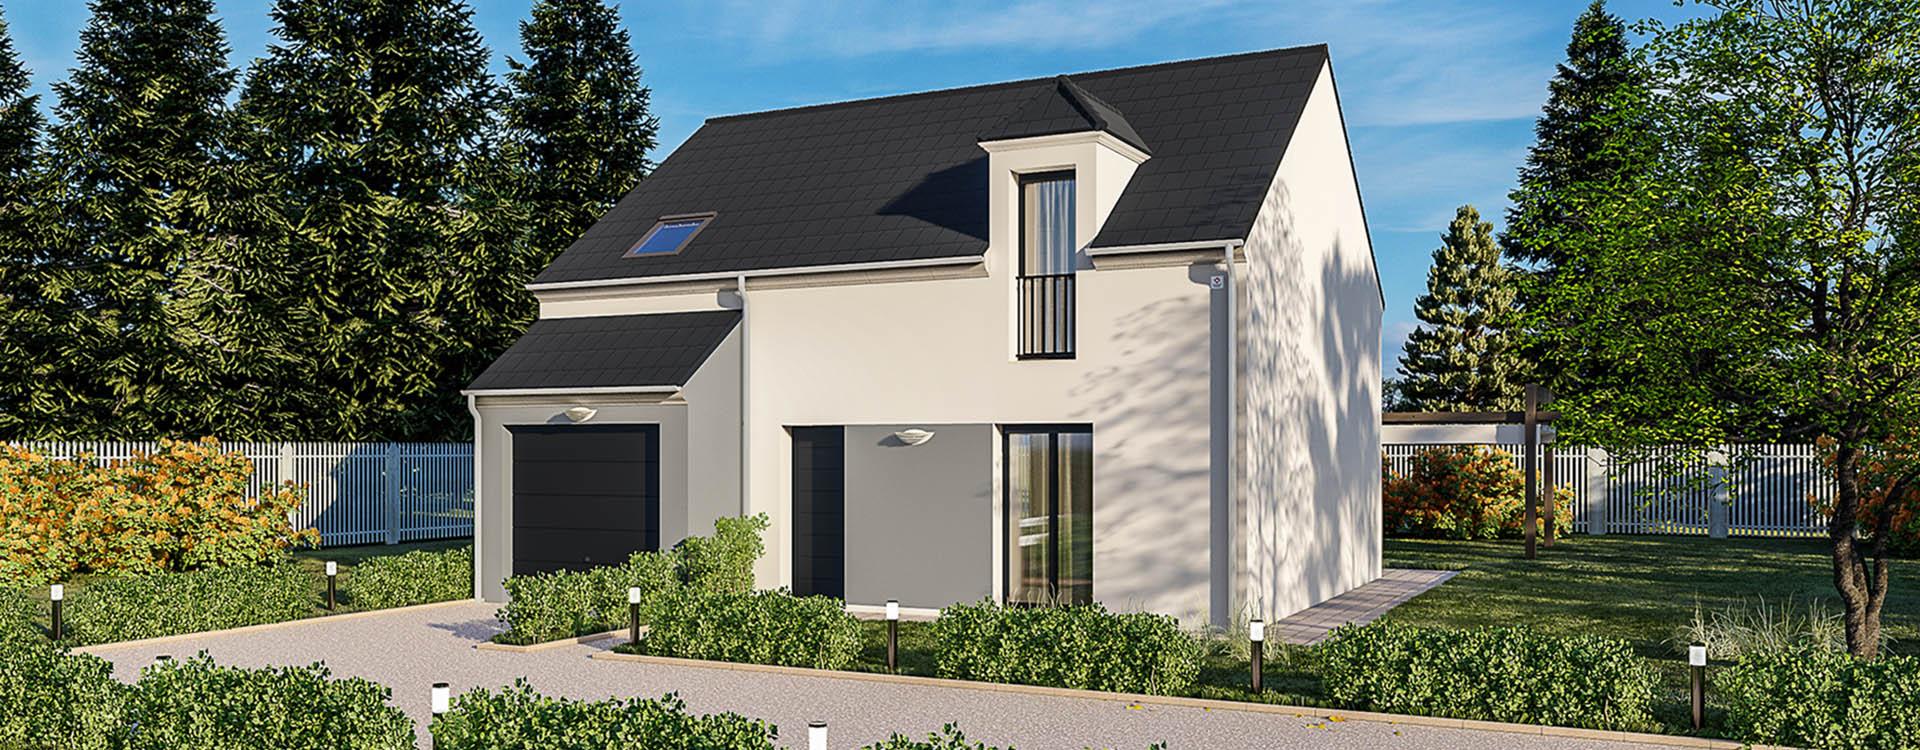 Maisons du constructeur MAISONS PIERRE MONTEVRAIN • 94 m² • VARREDDES